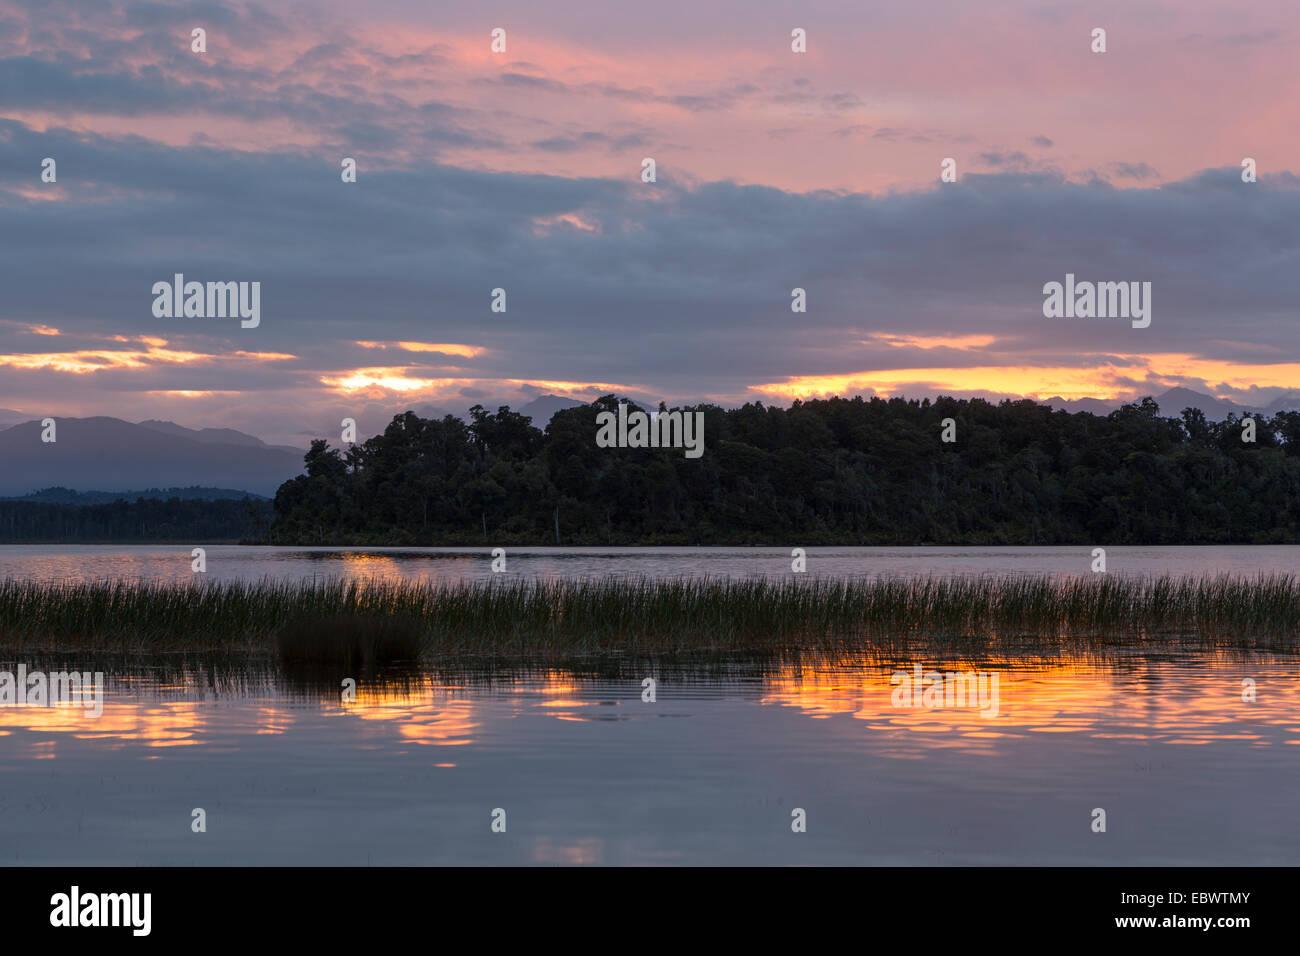 Amanecer en el lago, Ruatapu Mahinapua, región de la Costa Oeste, Nueva Zelanda Foto de stock